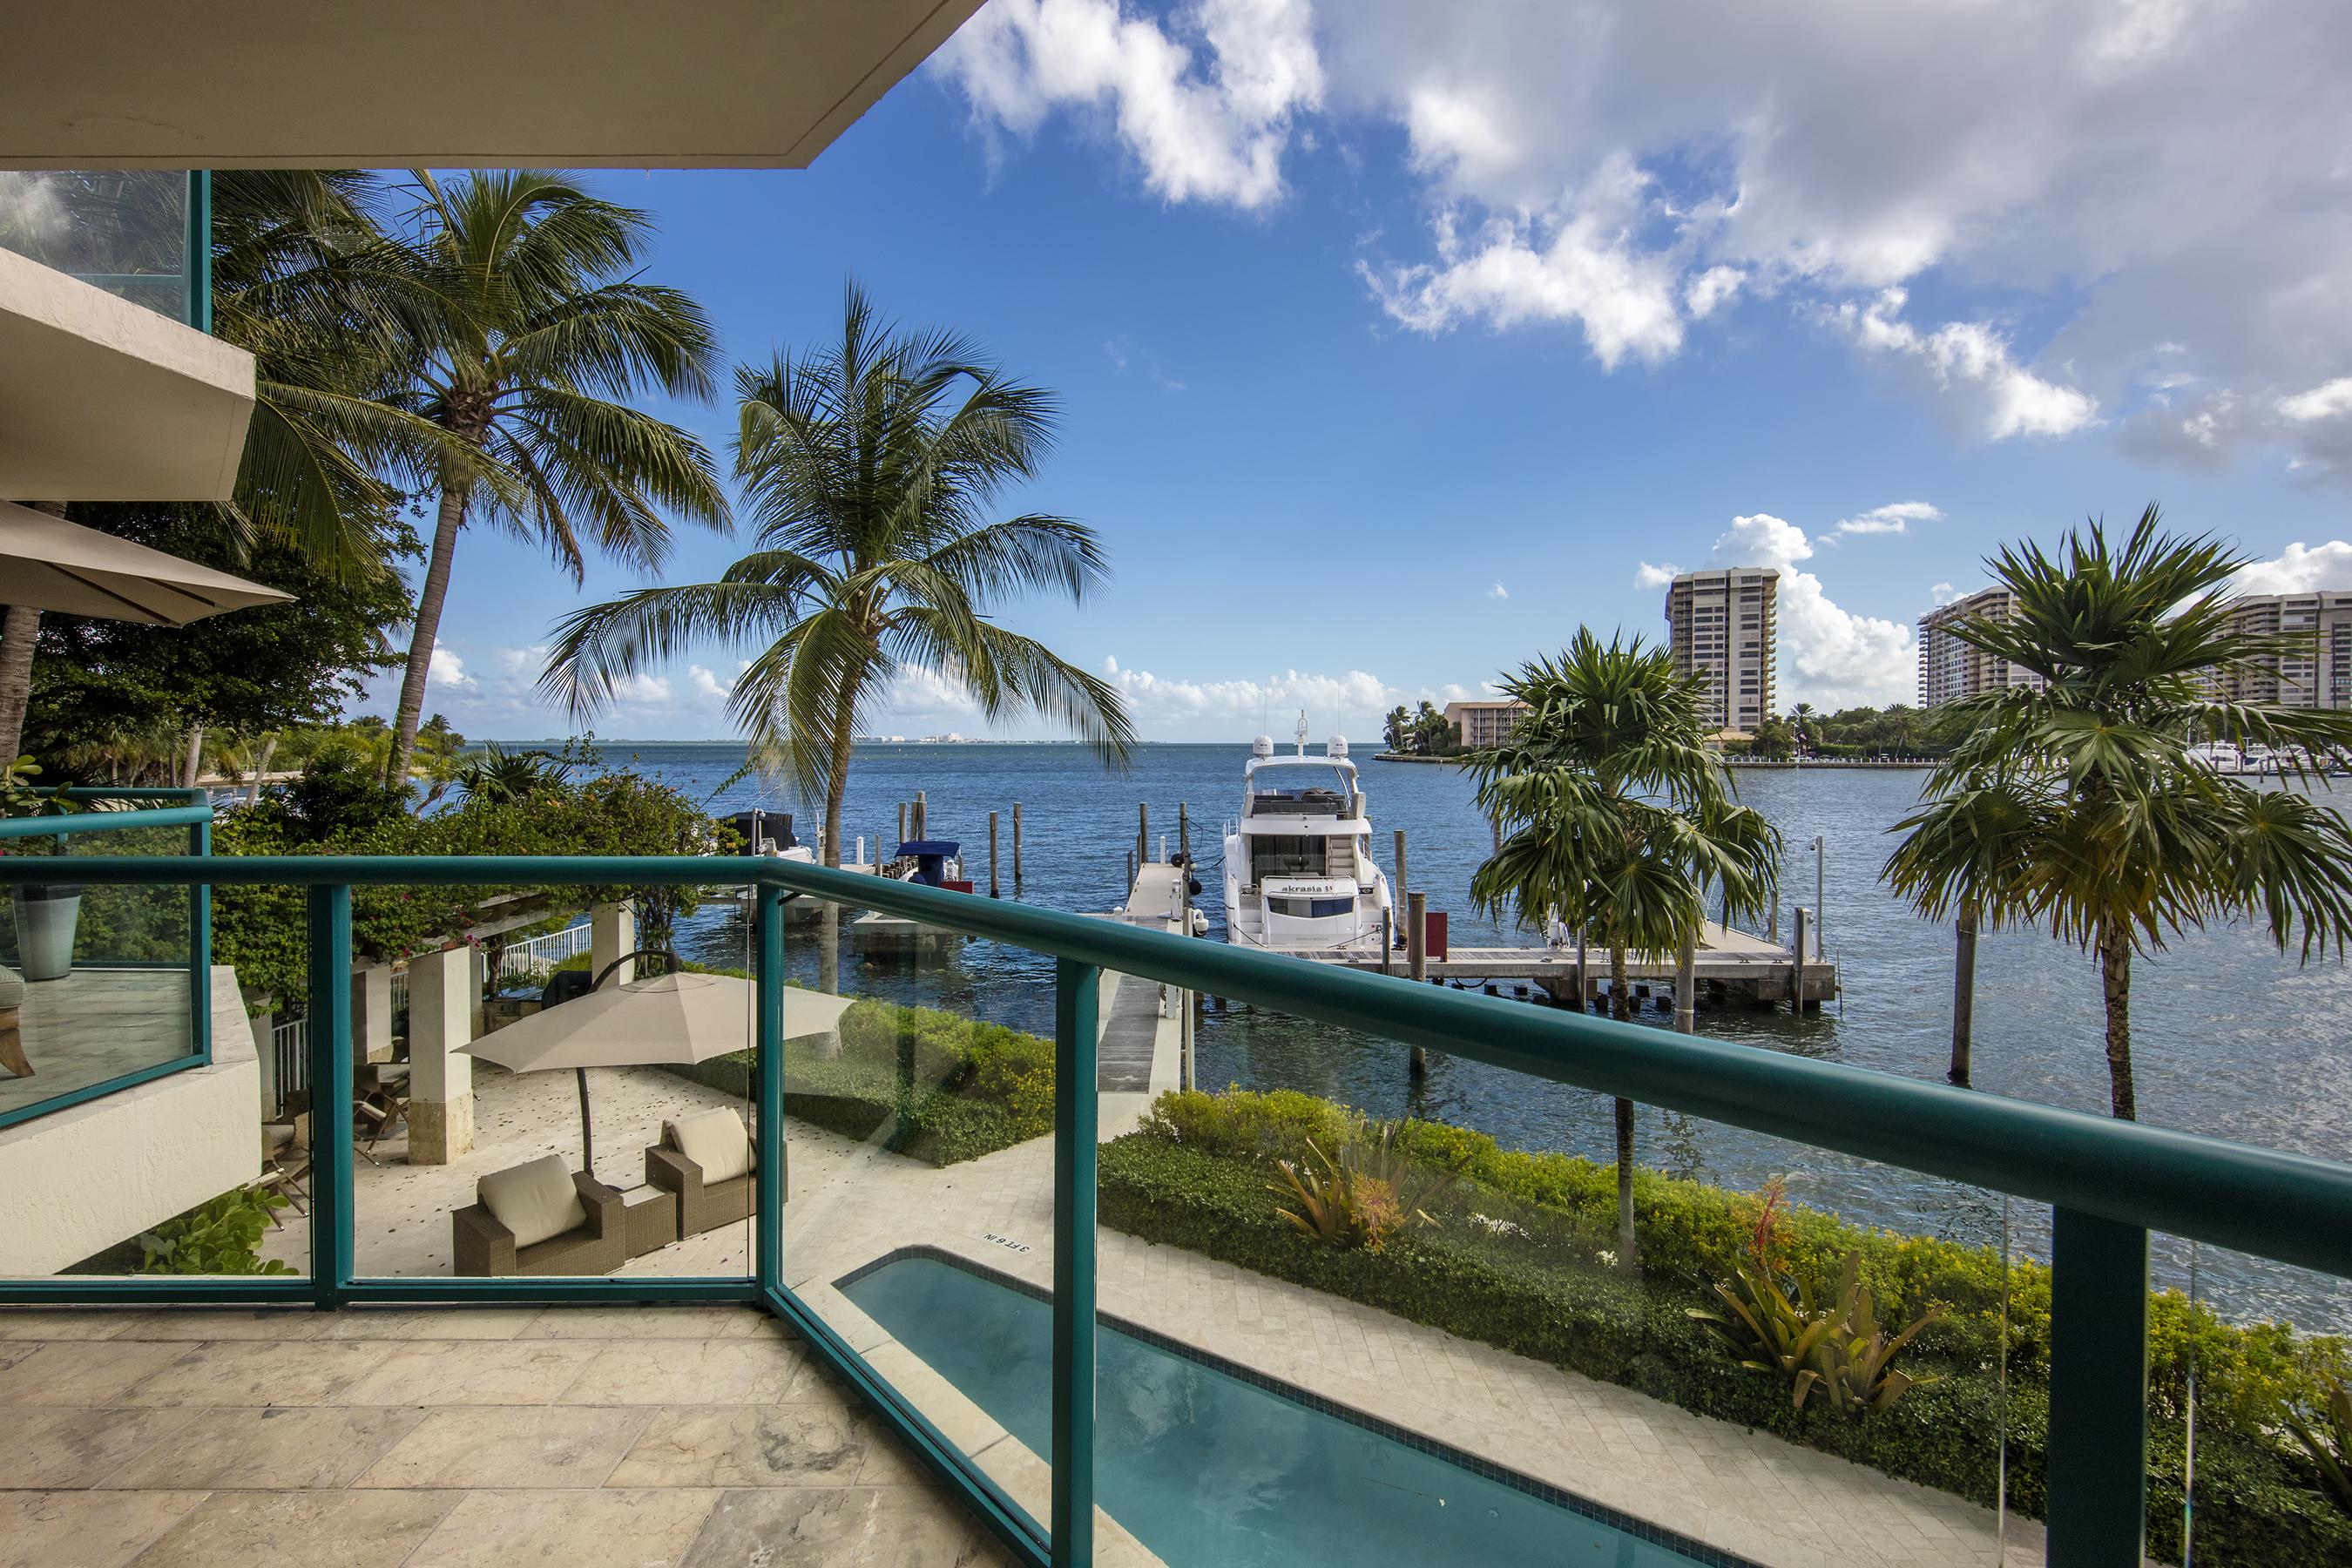 Condomínio para Venda às 1660 W Glencoe St #101 1660 W Glencoe St 101 Miami, Florida, 33133 Estados Unidos